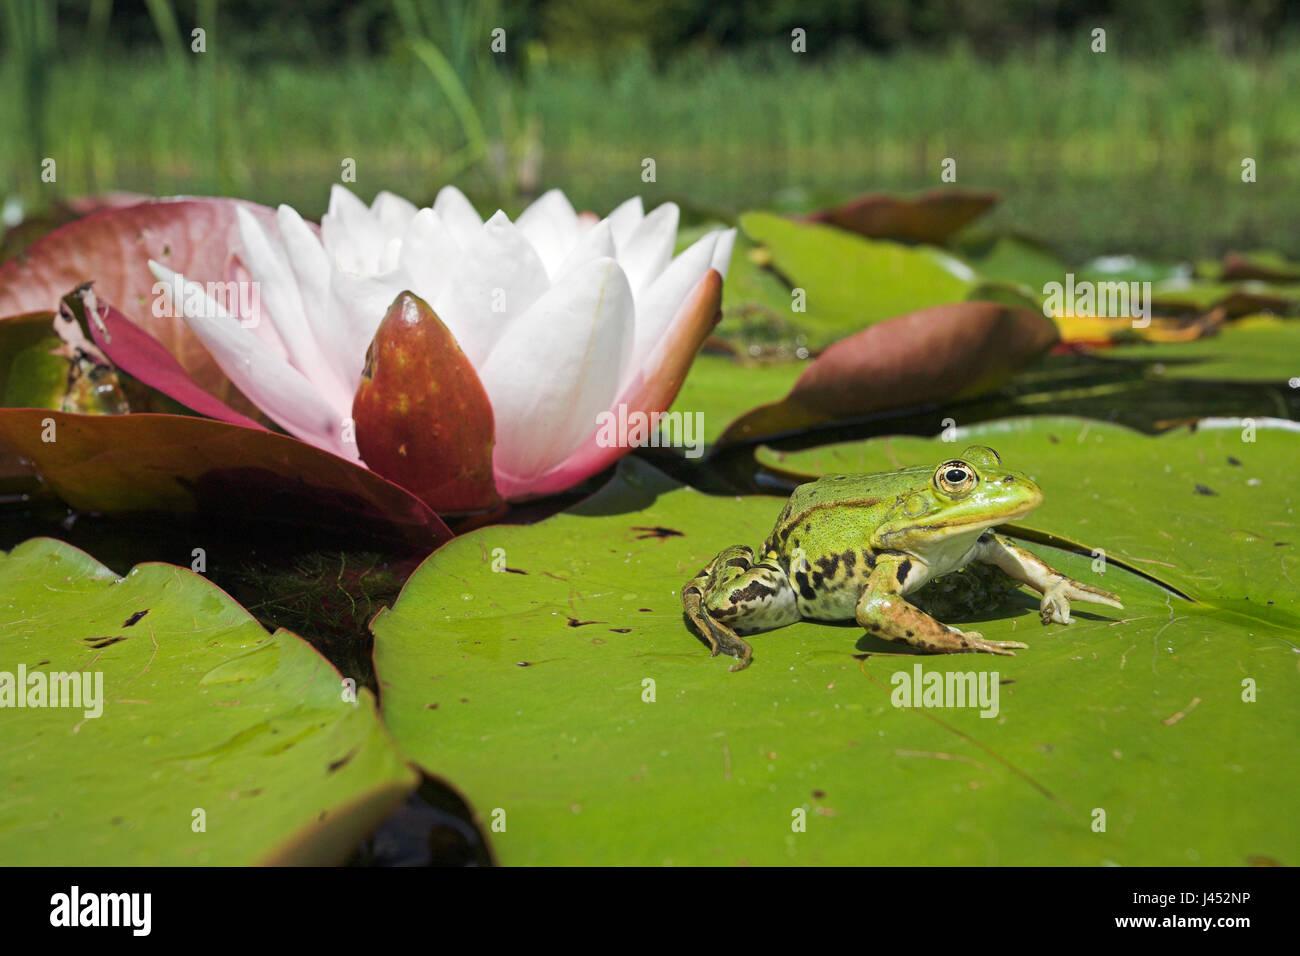 Foto de una rana comestible sentado en una hoja de blanco europeo waterlilly con una flor en el fondo Imagen De Stock